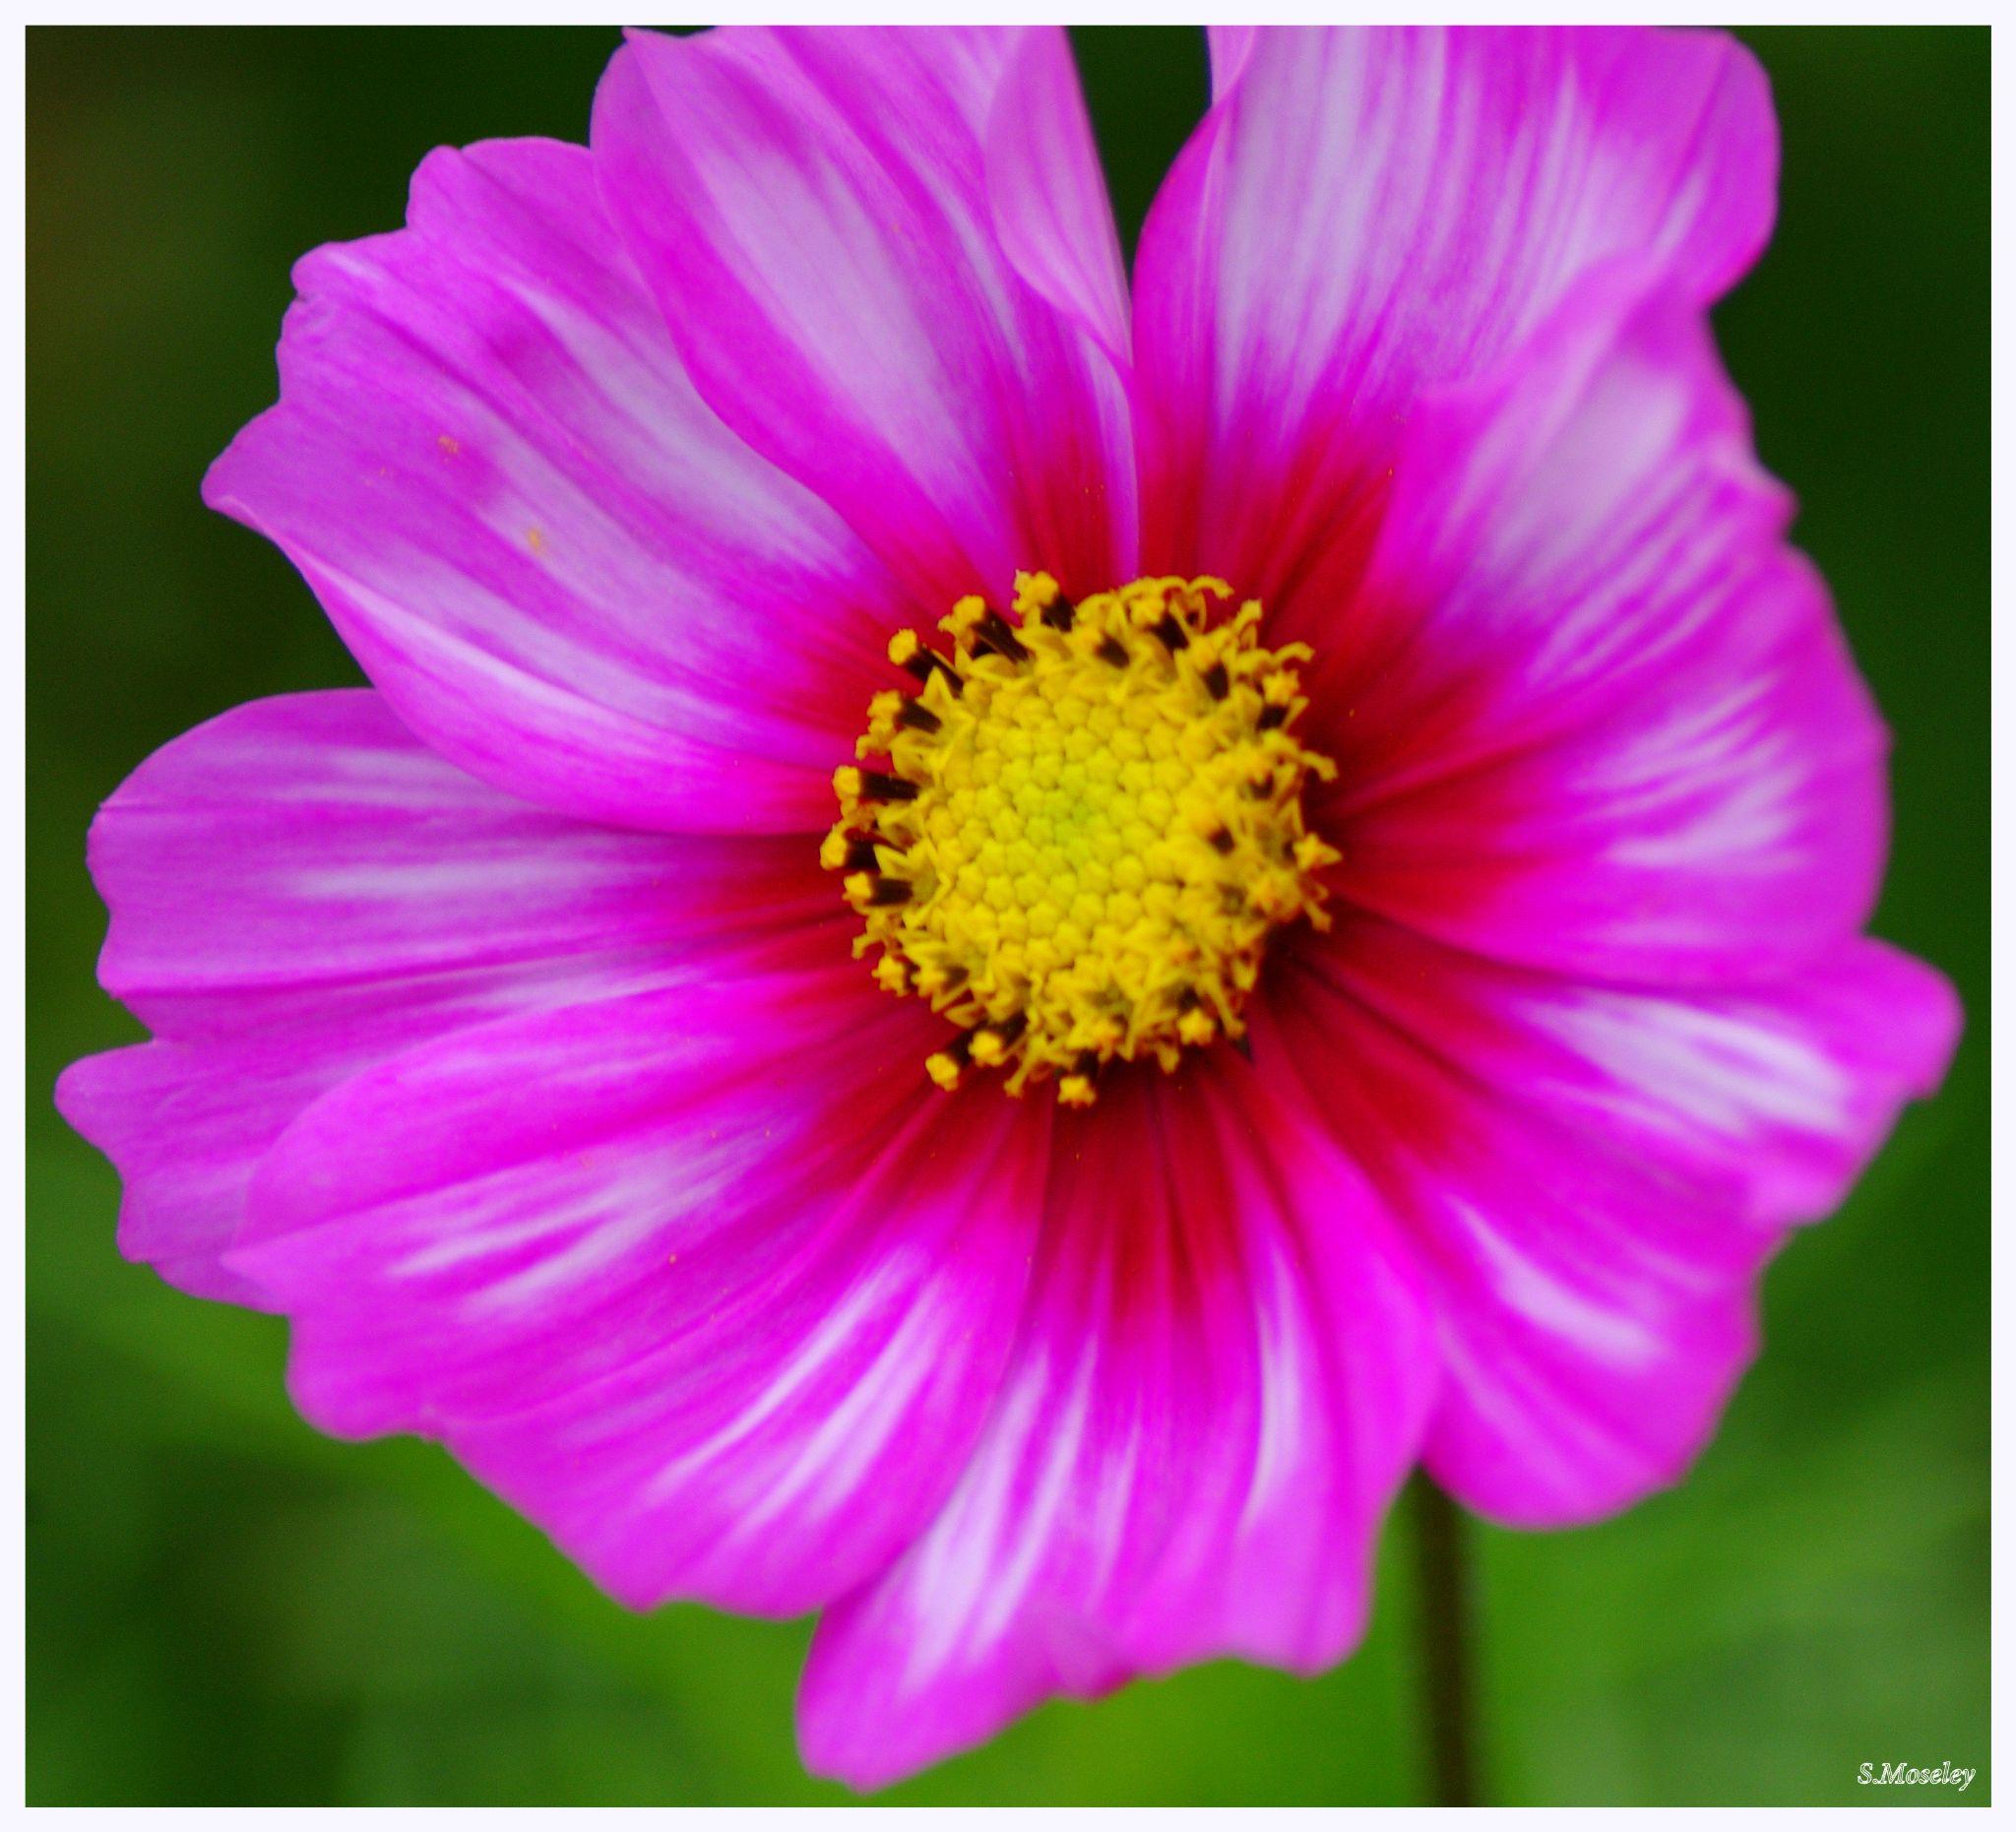 """""""Pure Beauty"""" by Sophia Moseley"""